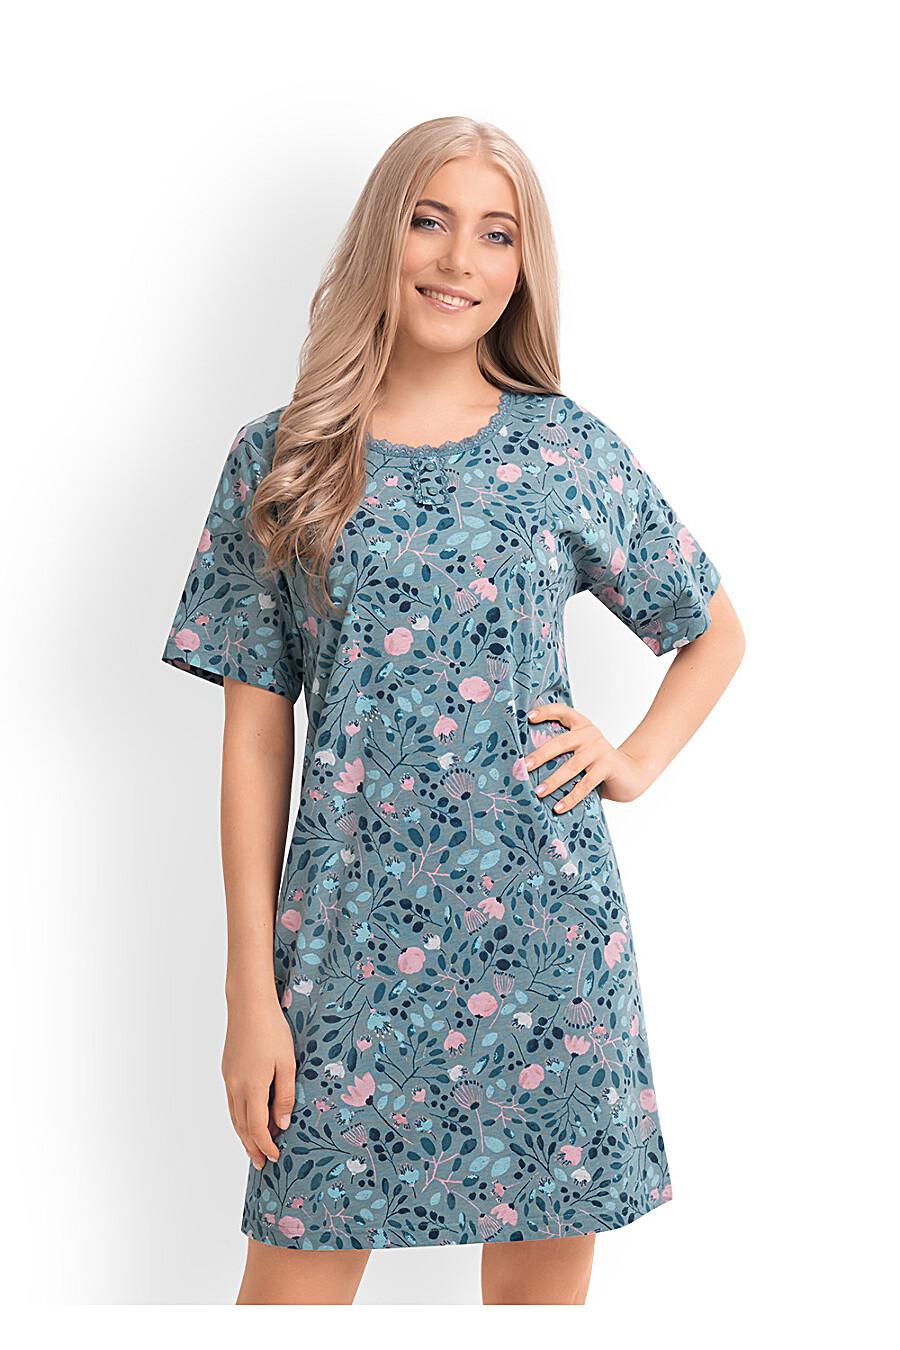 Платье для женщин CLEVER 169223 купить оптом от производителя. Совместная покупка женской одежды в OptMoyo